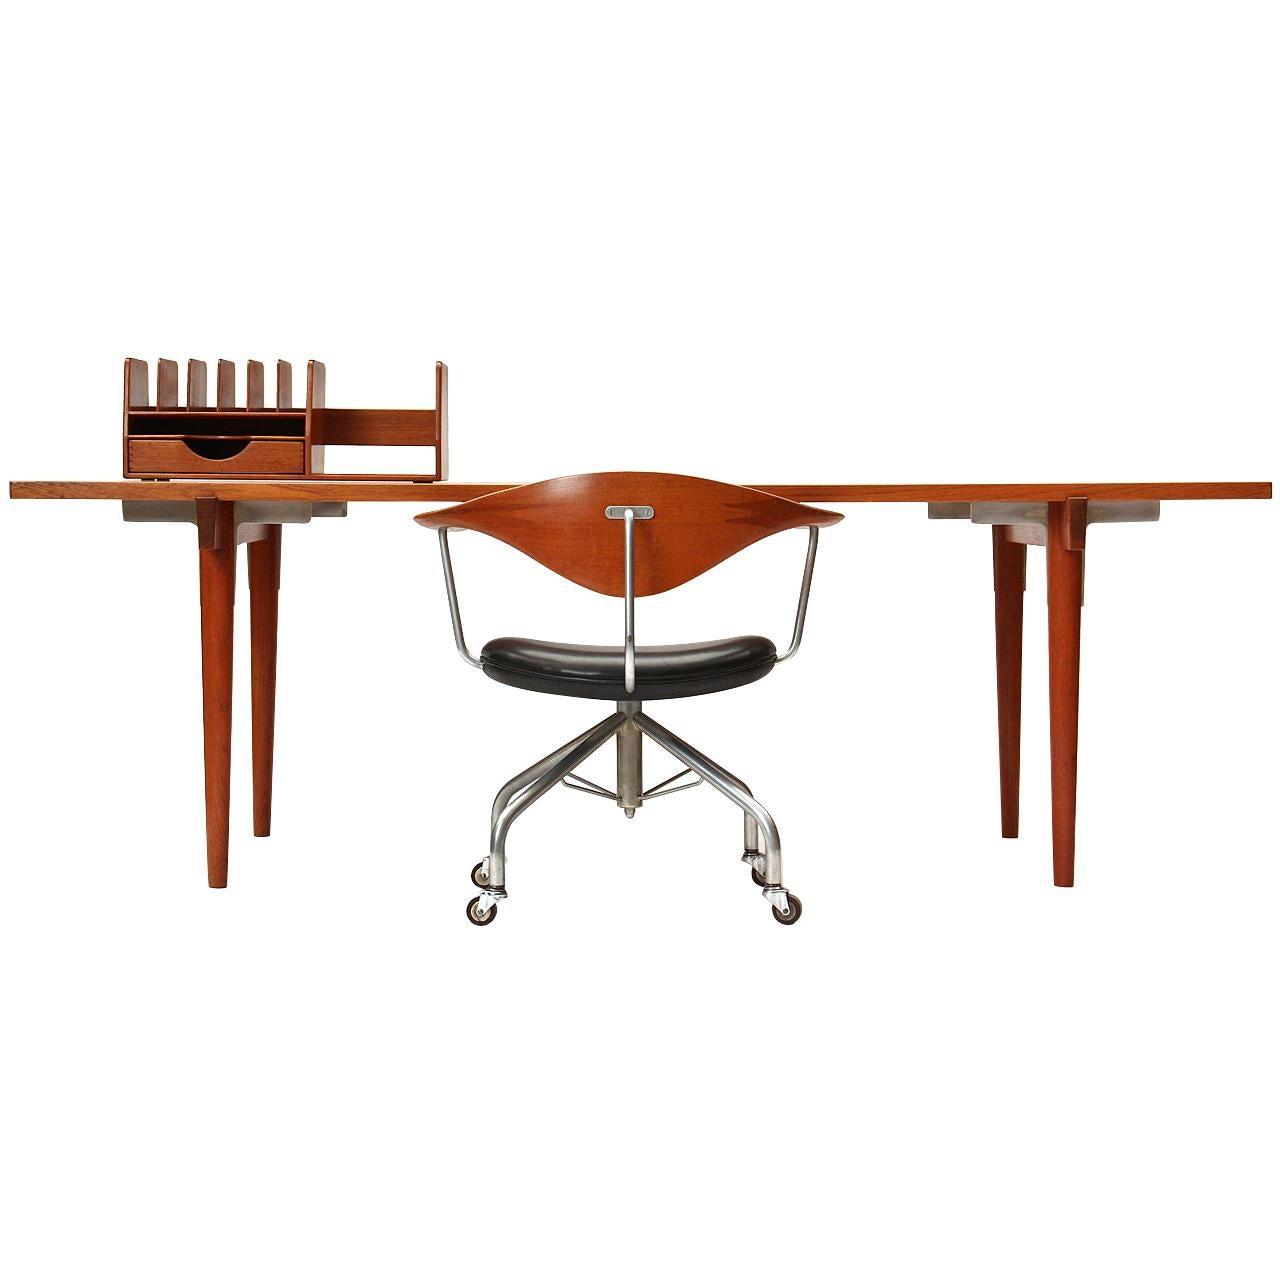 1960s Danish Solid Teak Table / Desk by Hans Wegner for Johannes Hansen